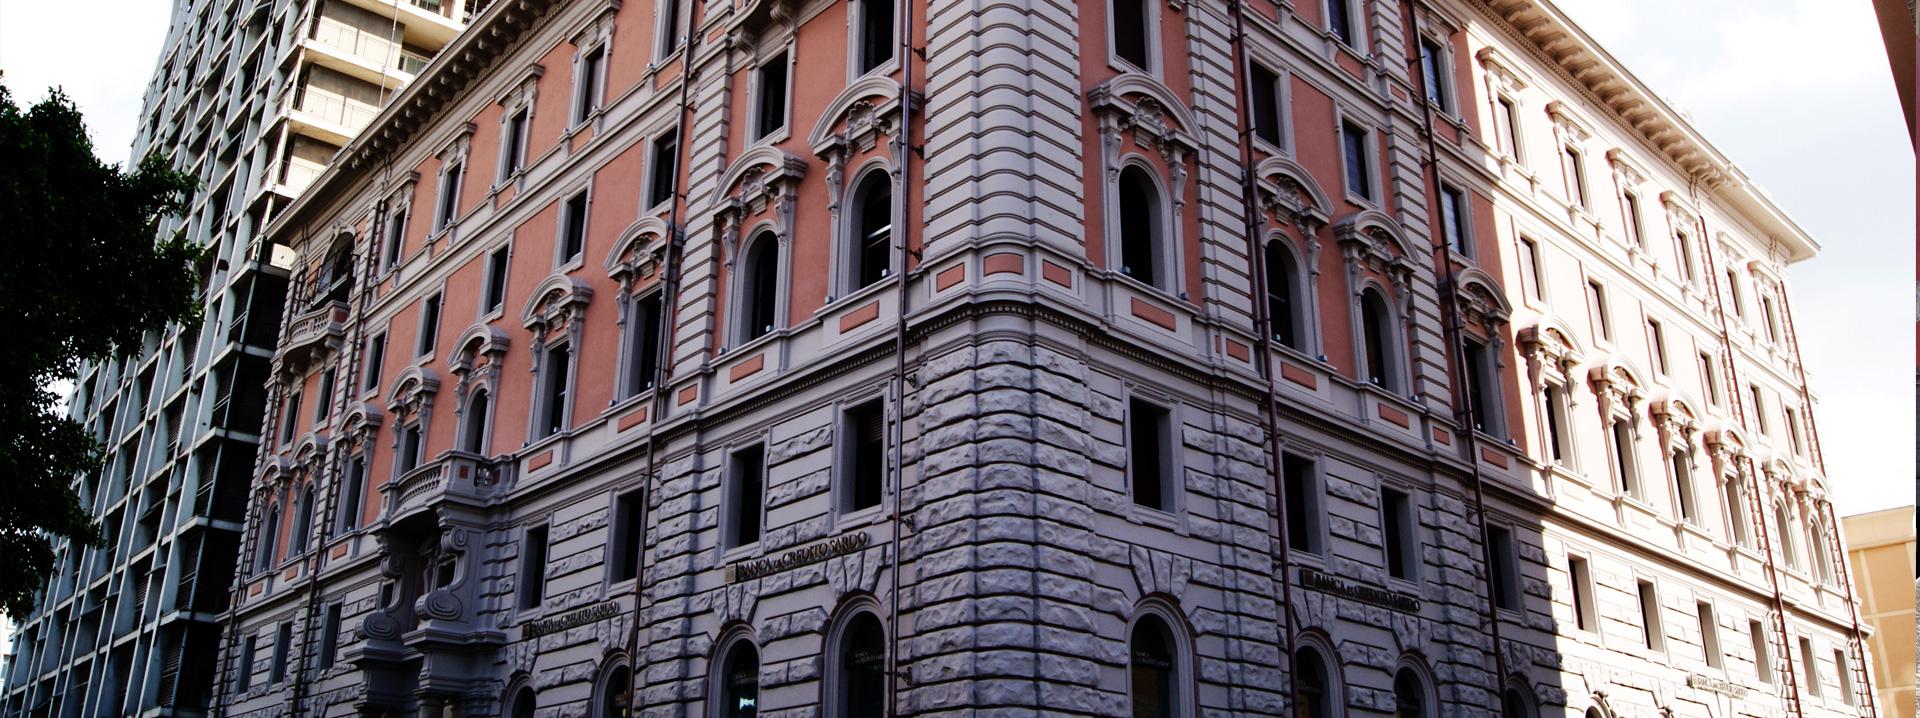 calcidrata_palazzo_tirso